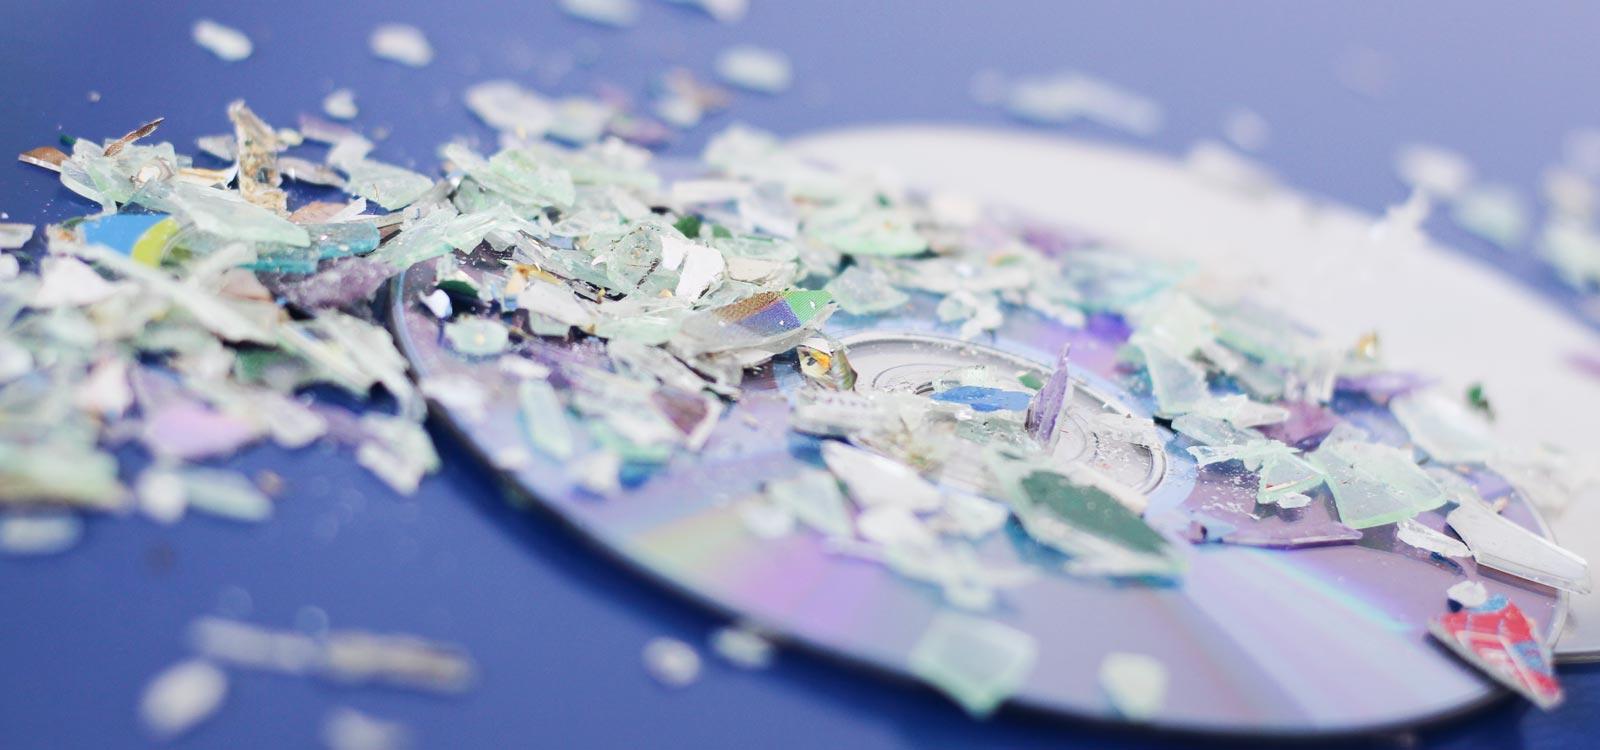 cd-versnipperaar-kopen-om-cd's-te-vernietigen-papiervernietiger